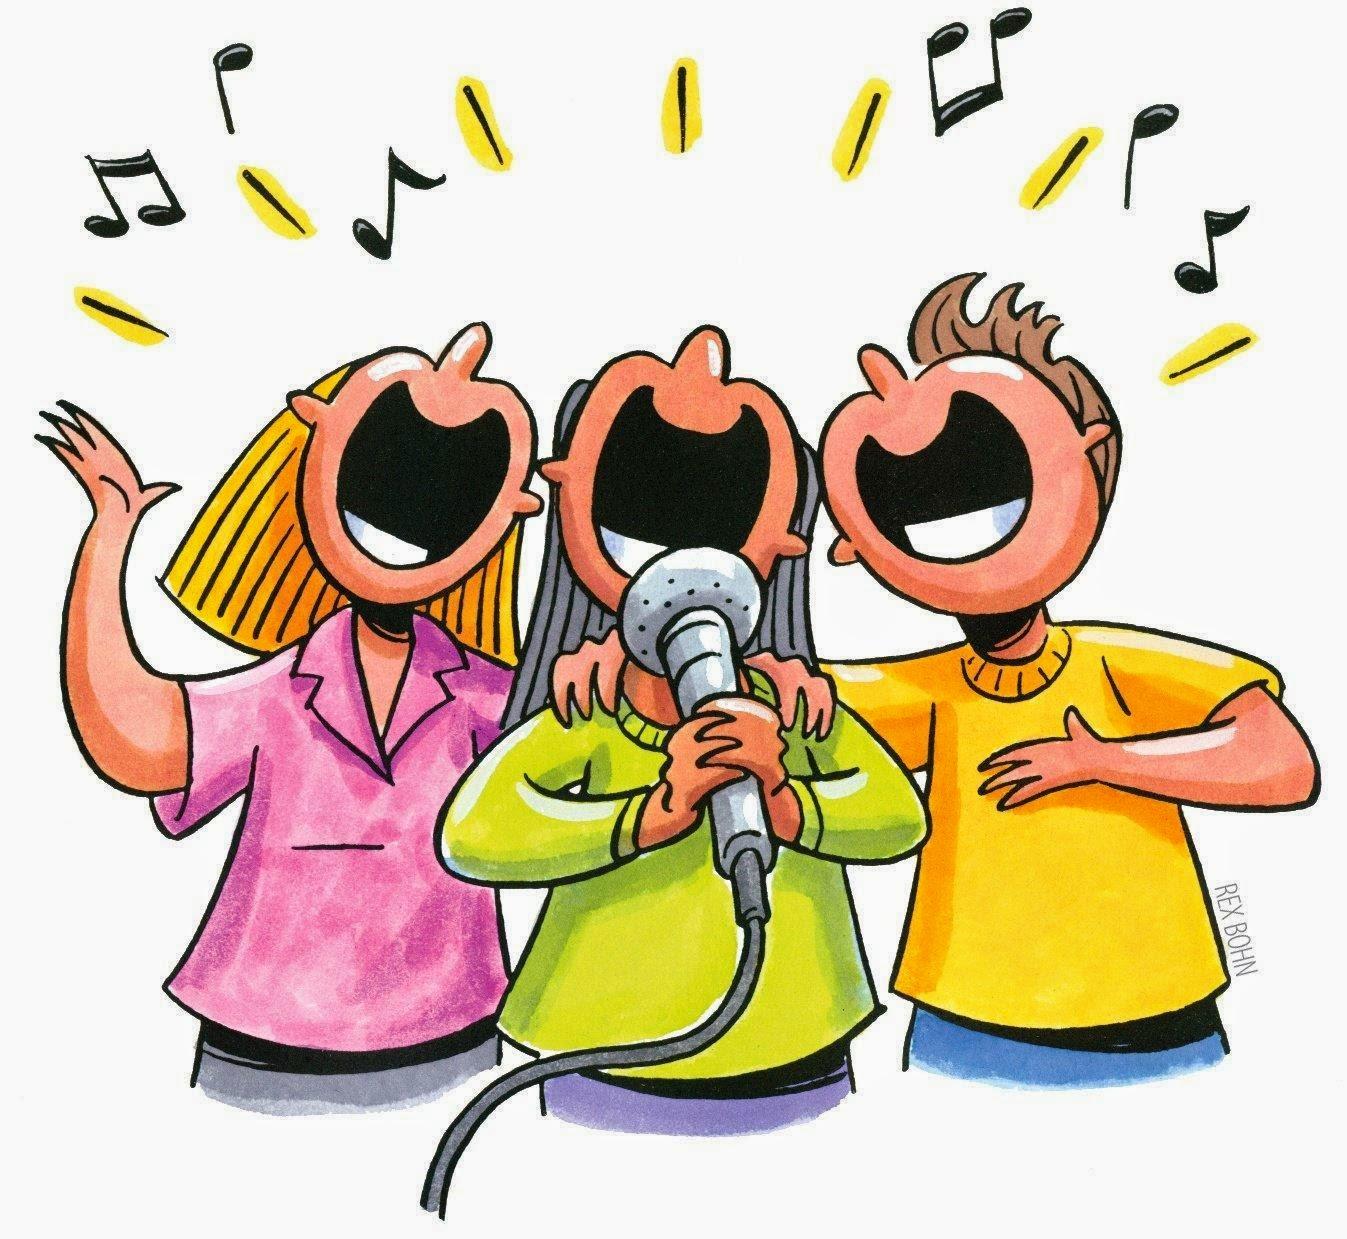 Download Lagu Batak Galau Terbaru: Lagu Galau Download Lagu Mp3 Terbaru